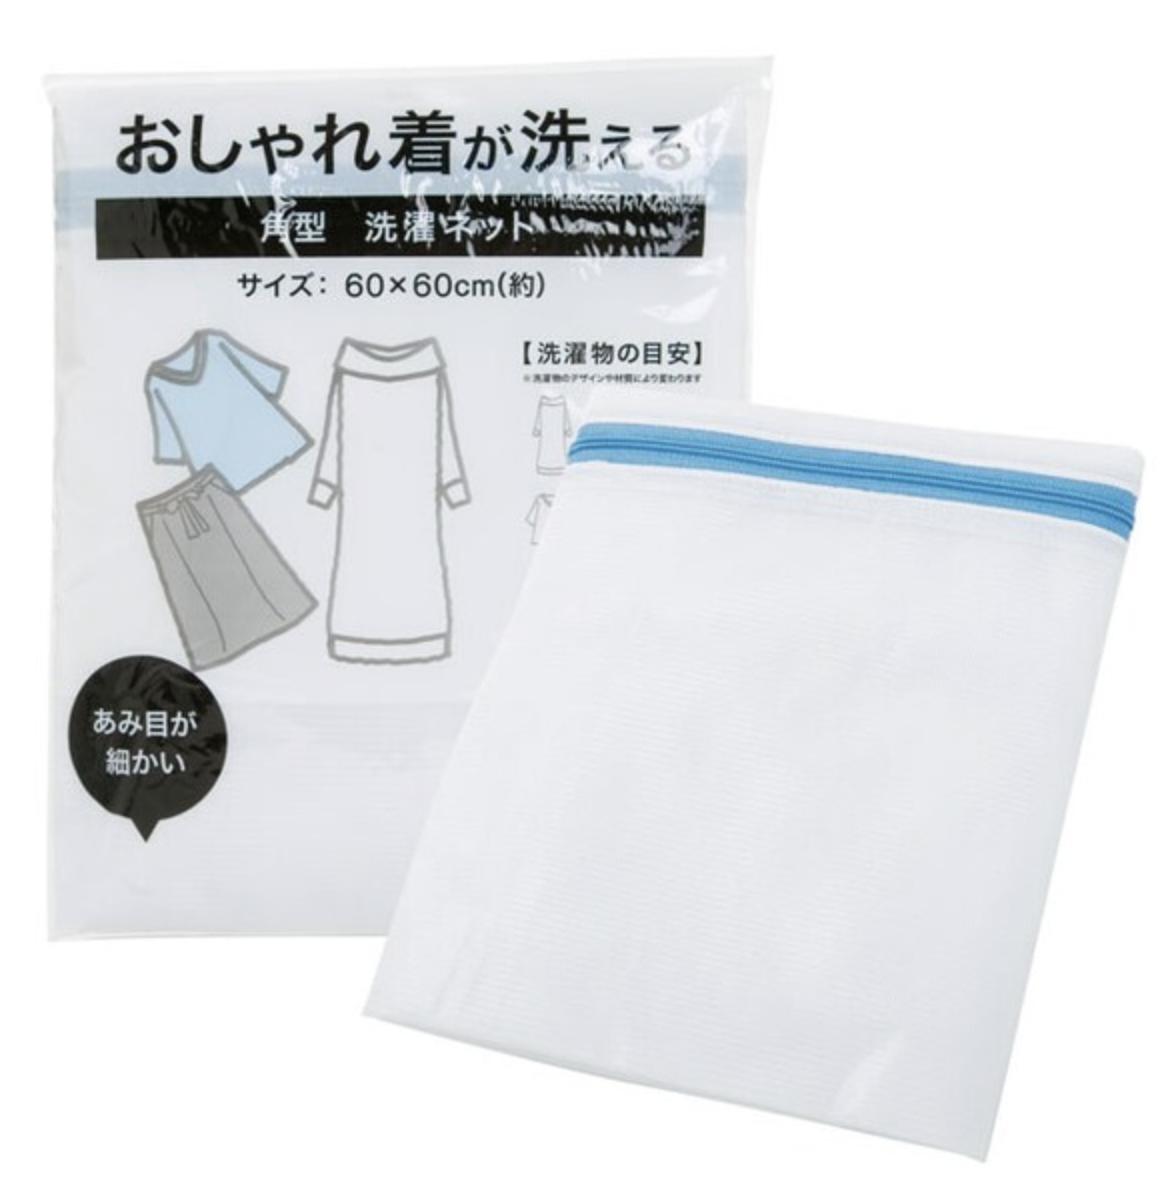 おしゃれ着が洗える角型洗濯ネット